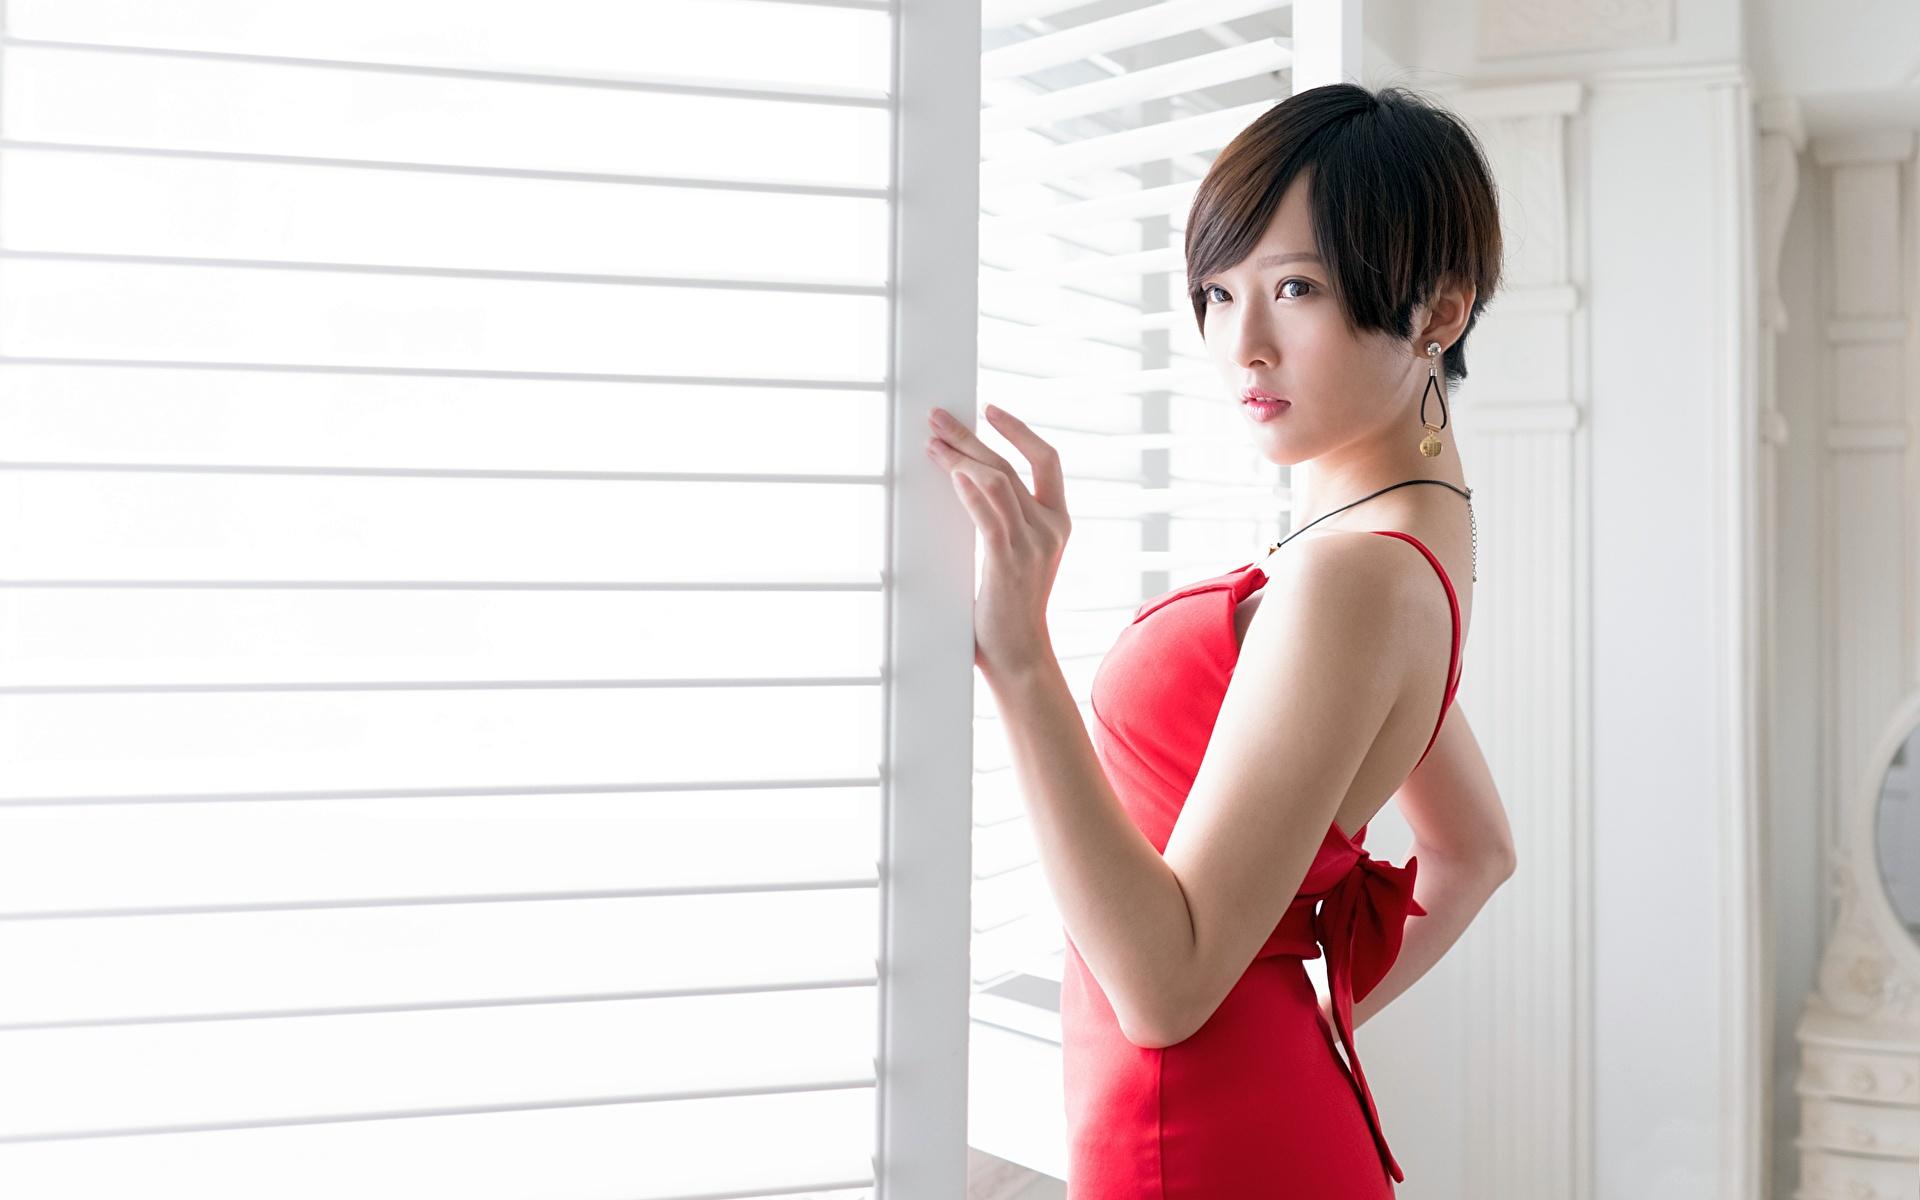 zdjęcia Brunetka Dziewczyny Azjaci Ręce wzrok Sukienka 1920x1200 dziewczyna młoda kobieta młode kobiety azjatycka Spojrzenie